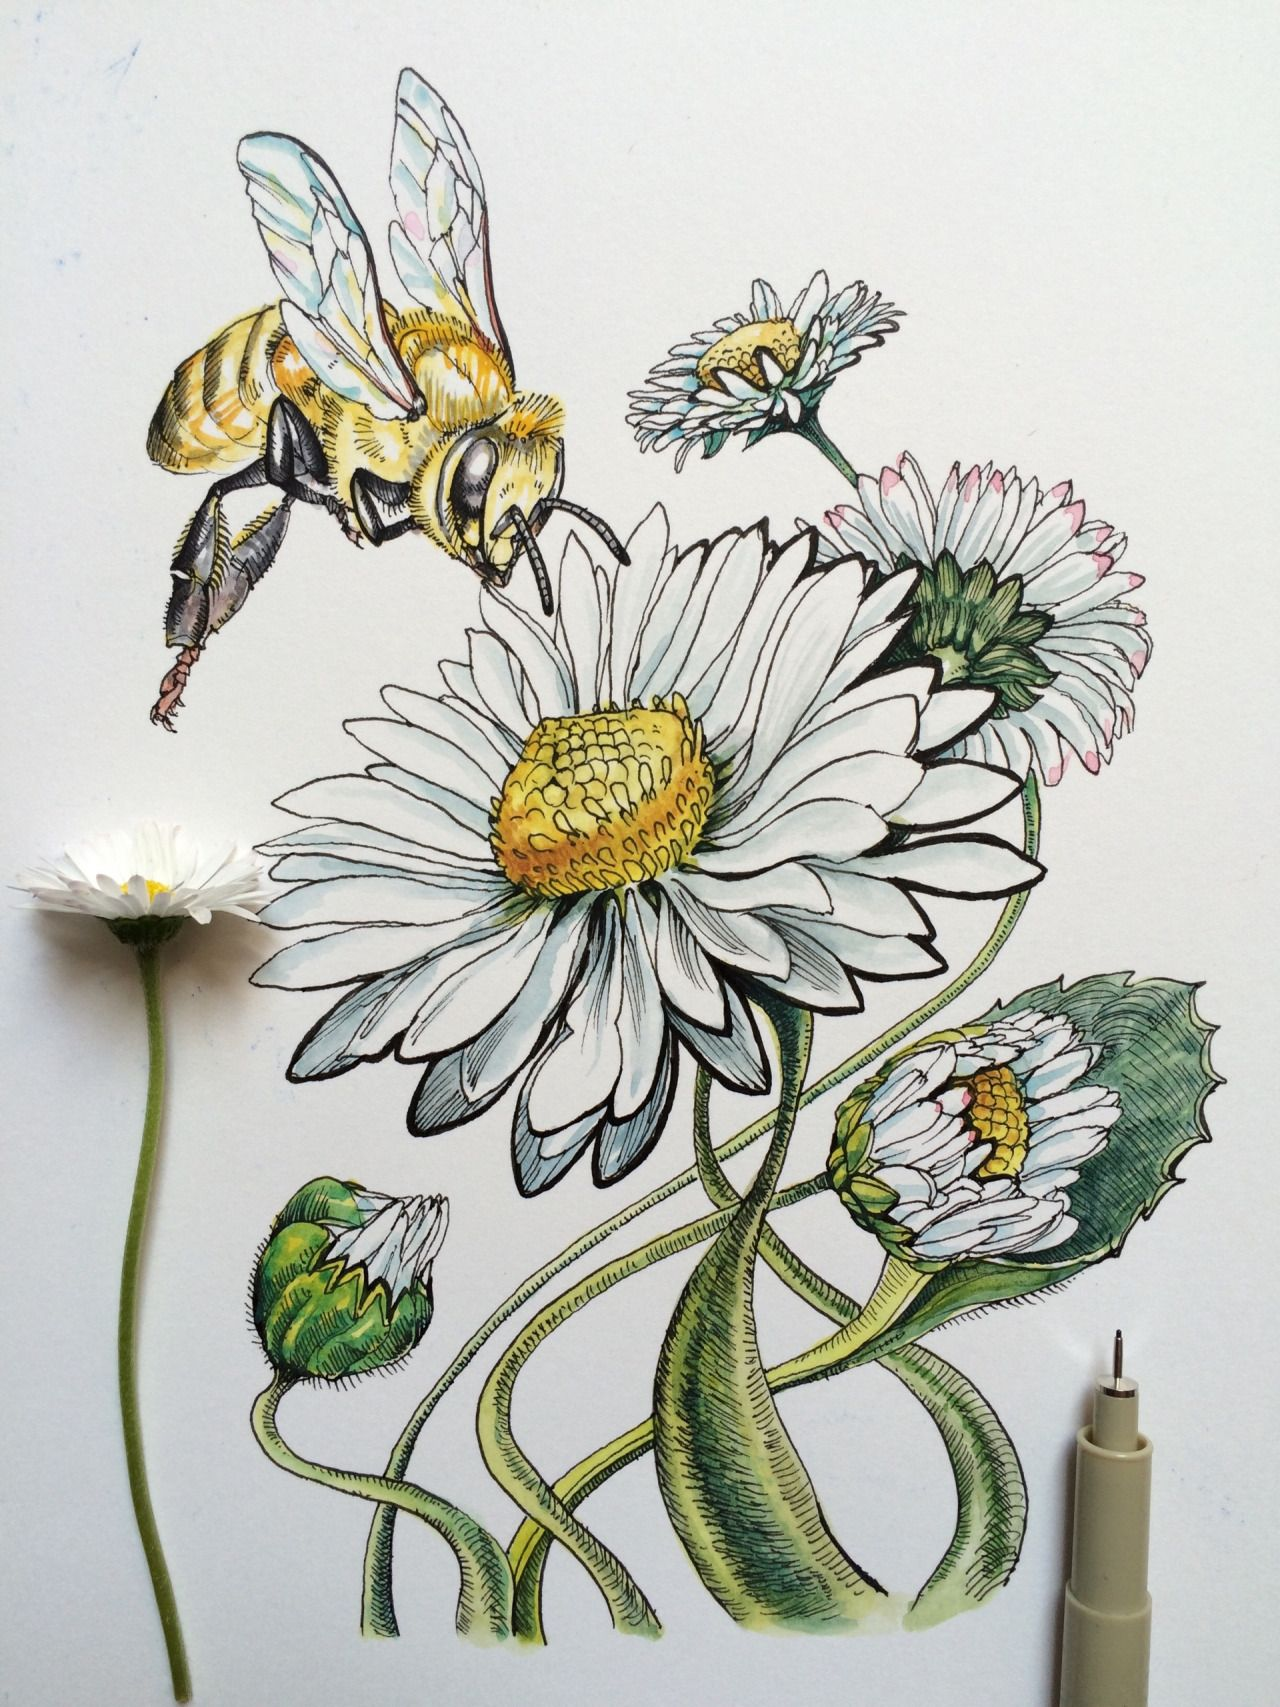 ∞Noel Badges Pugh∞ Photo Bee art, Drawings, Flower drawing